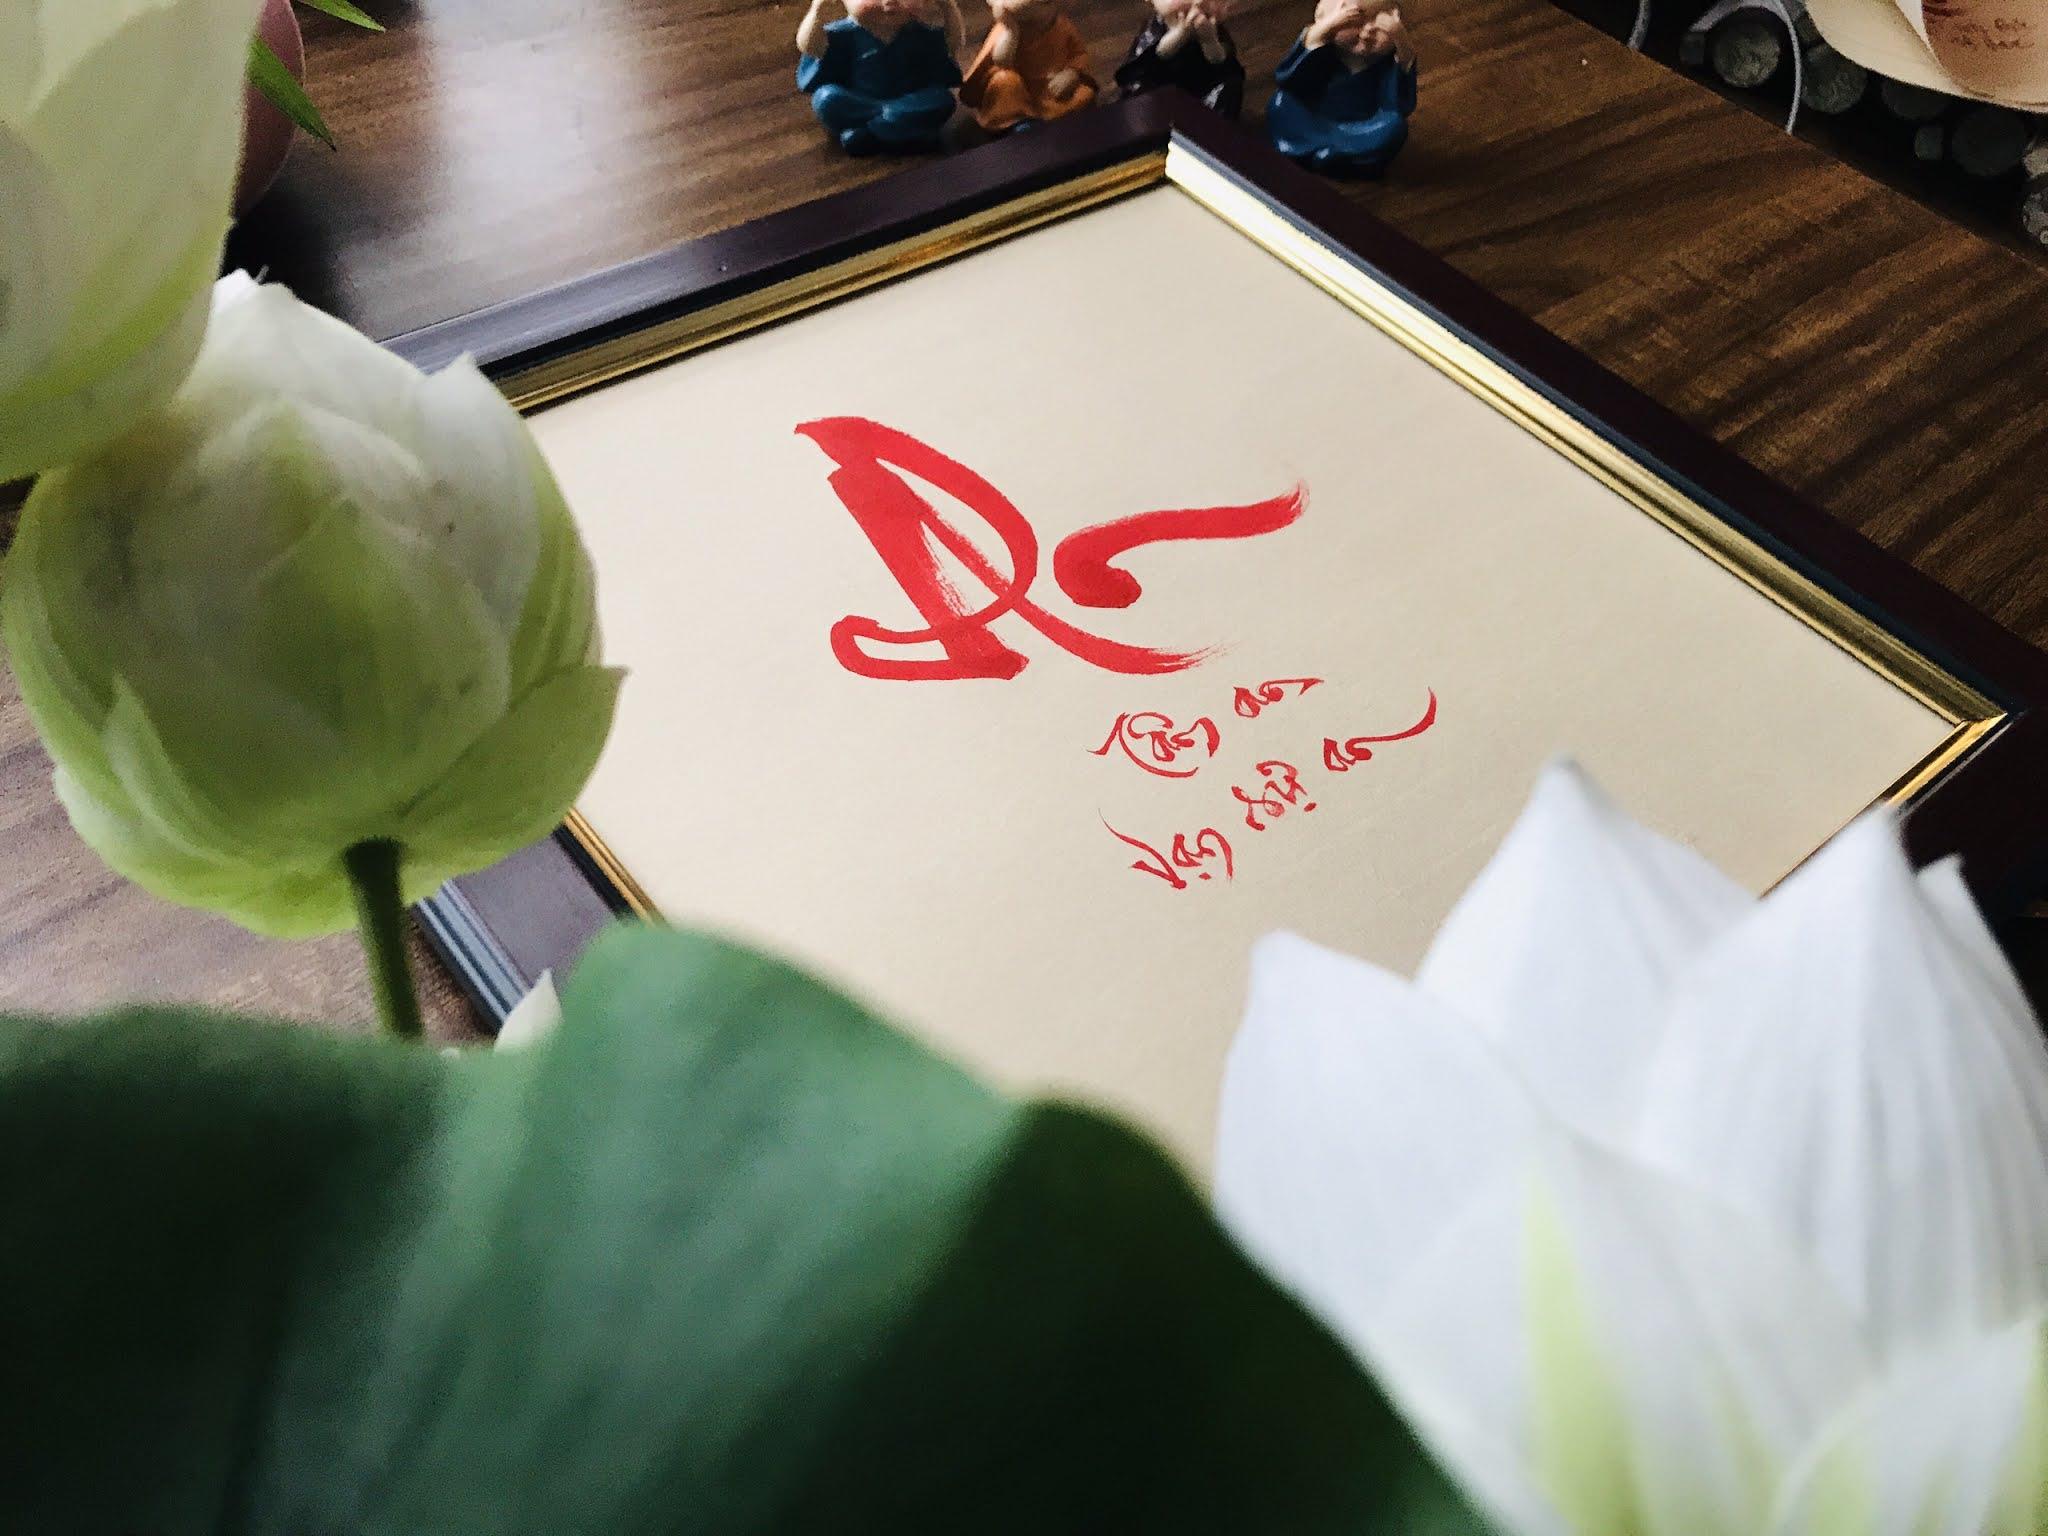 Tranh thư pháp đẹp tại Hà Nội